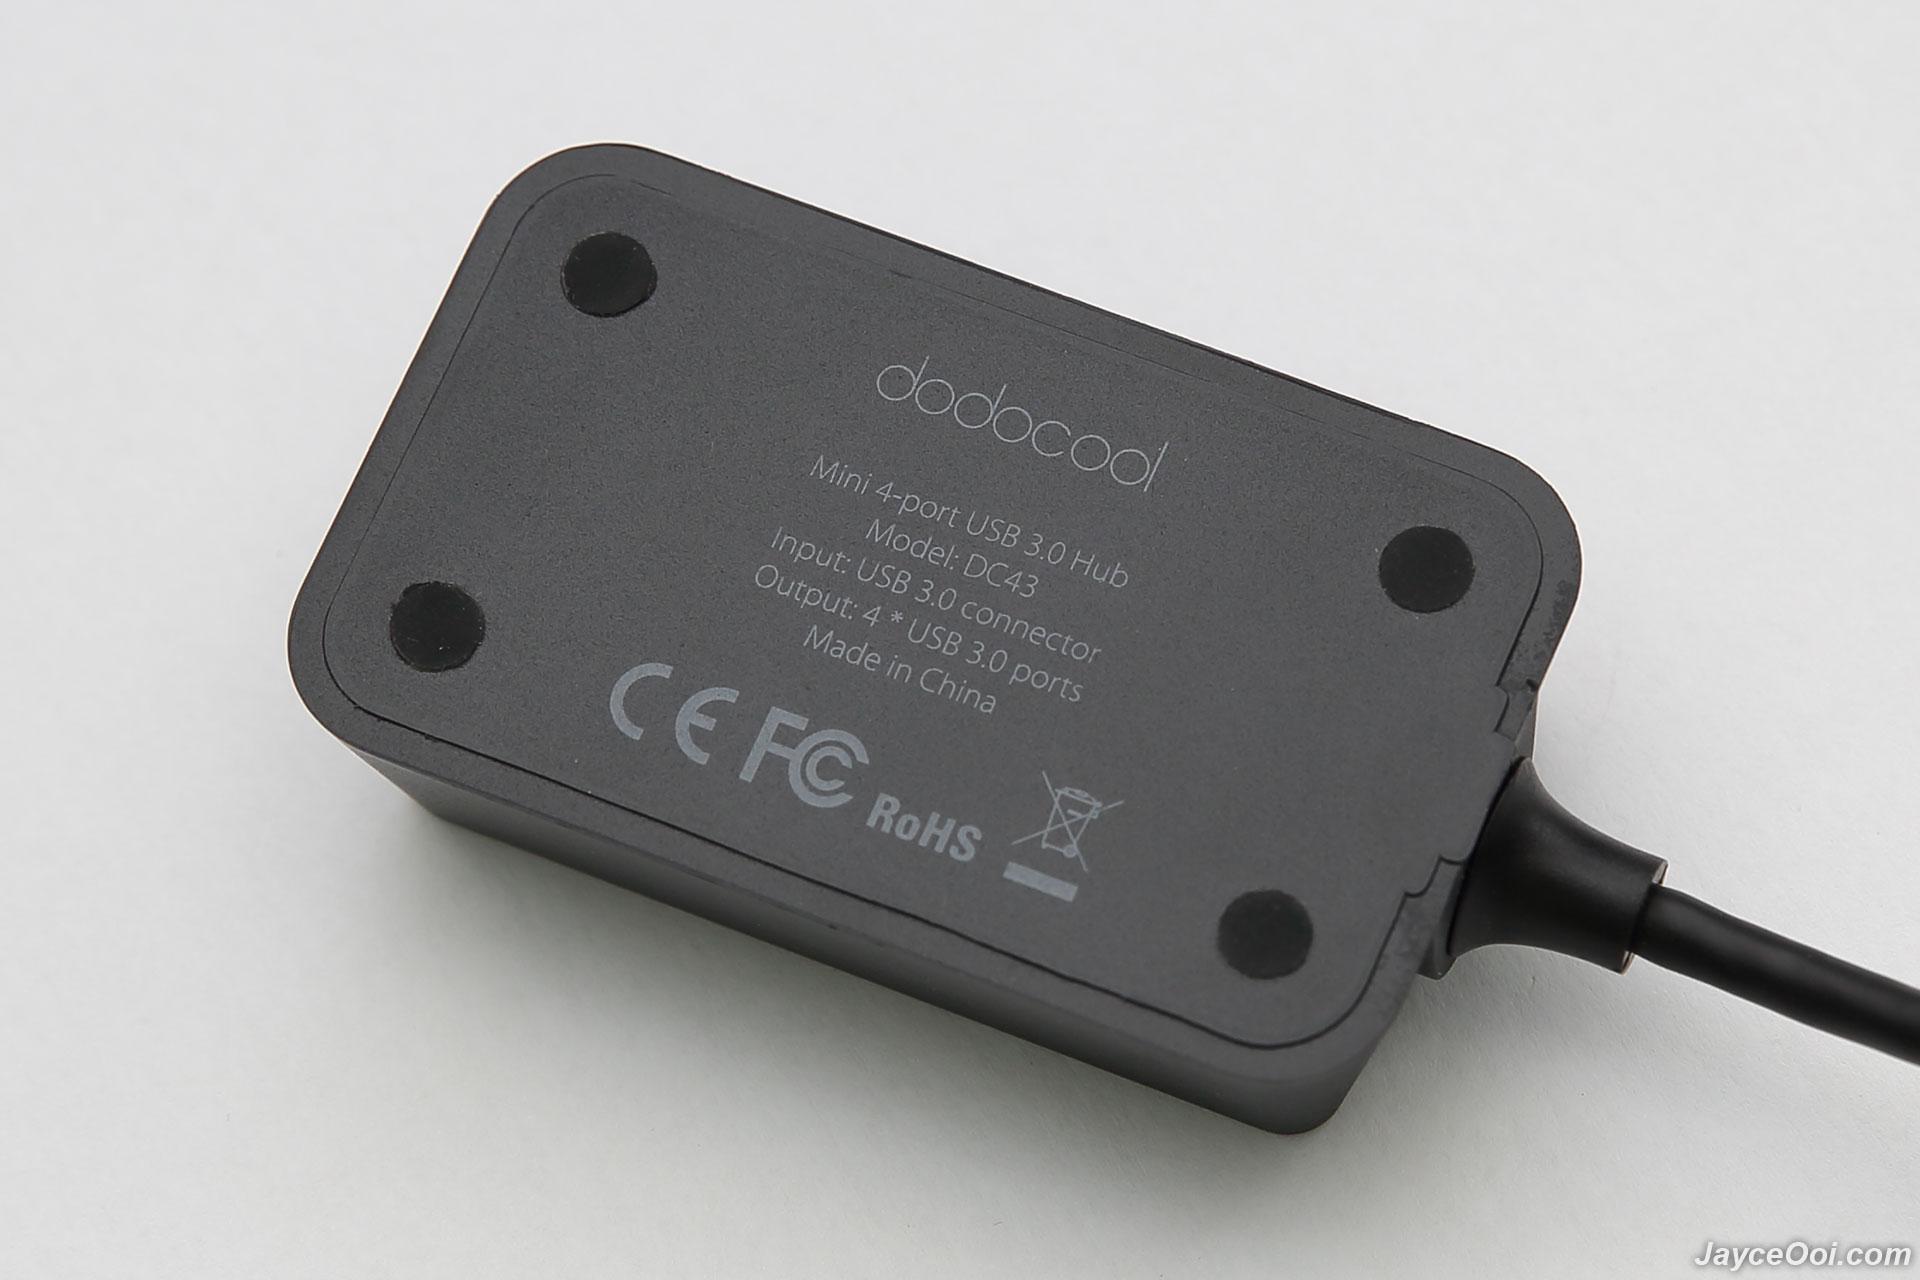 dodocool Mini 4-port USB 3.0 Hub Review